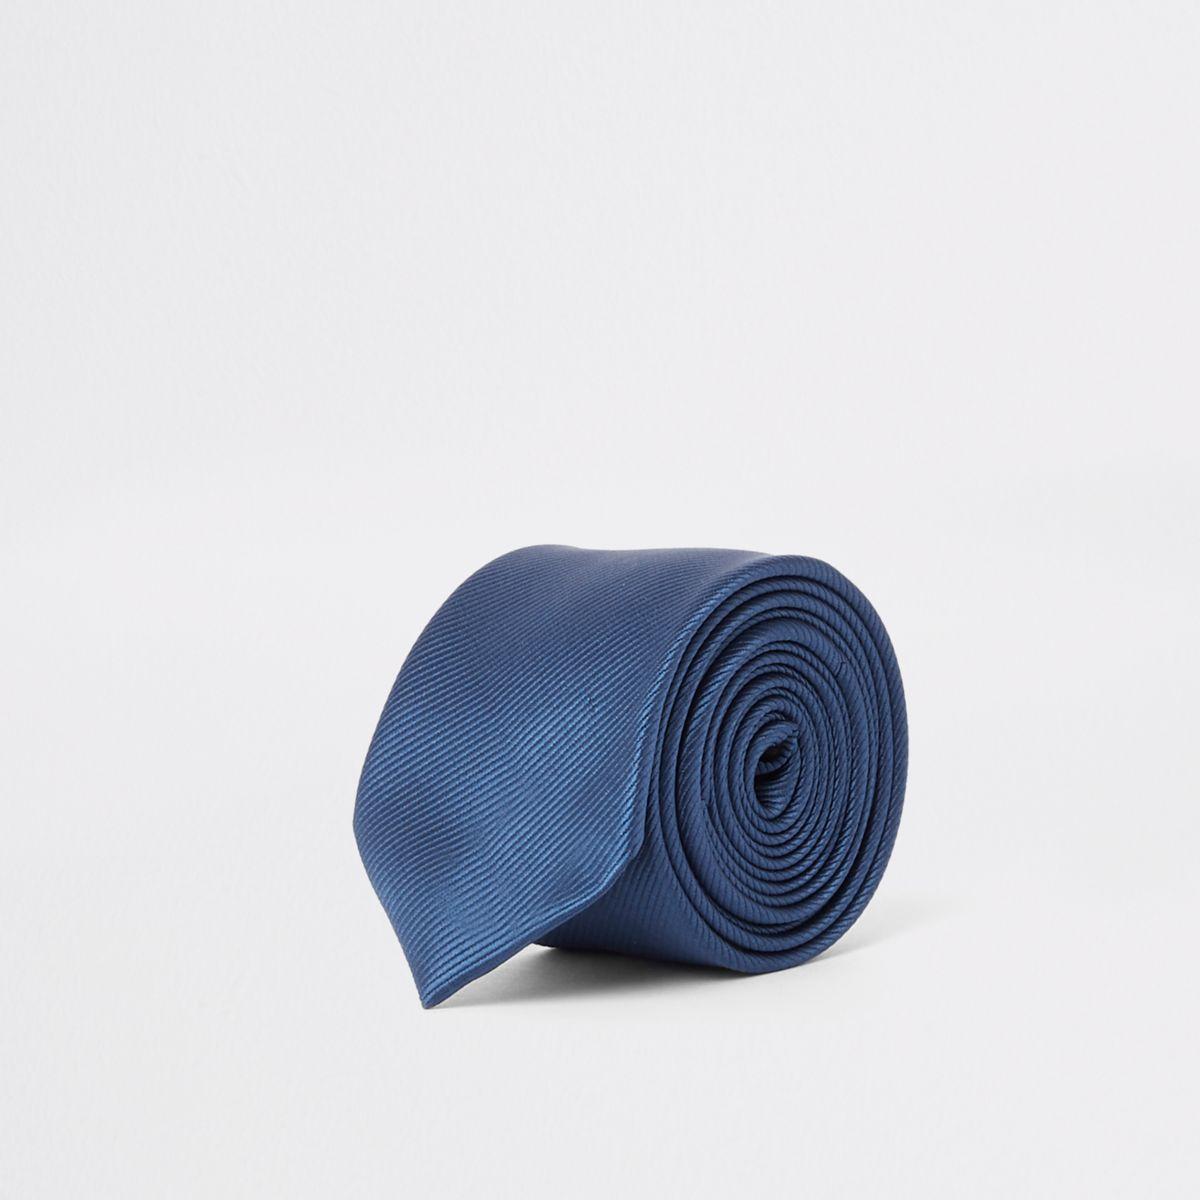 Blue twill textured tie